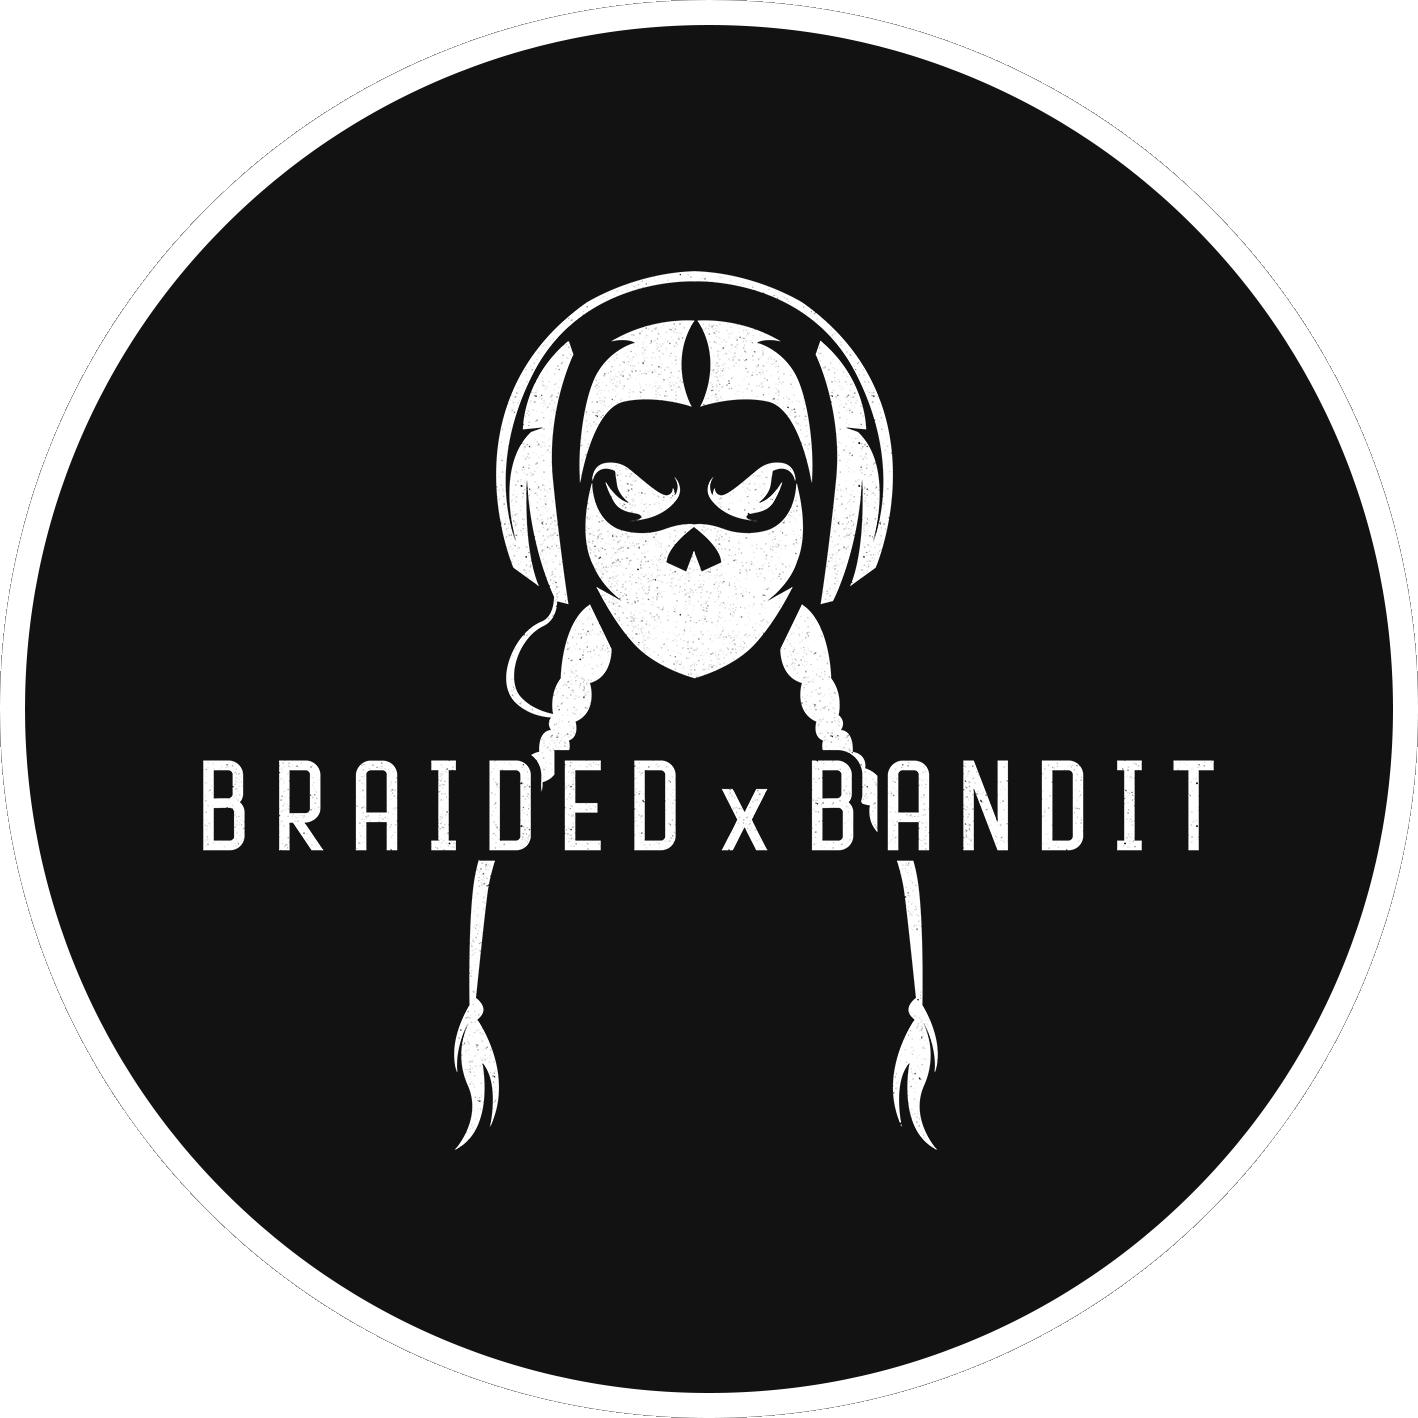 BRAIDEDxBANDIT